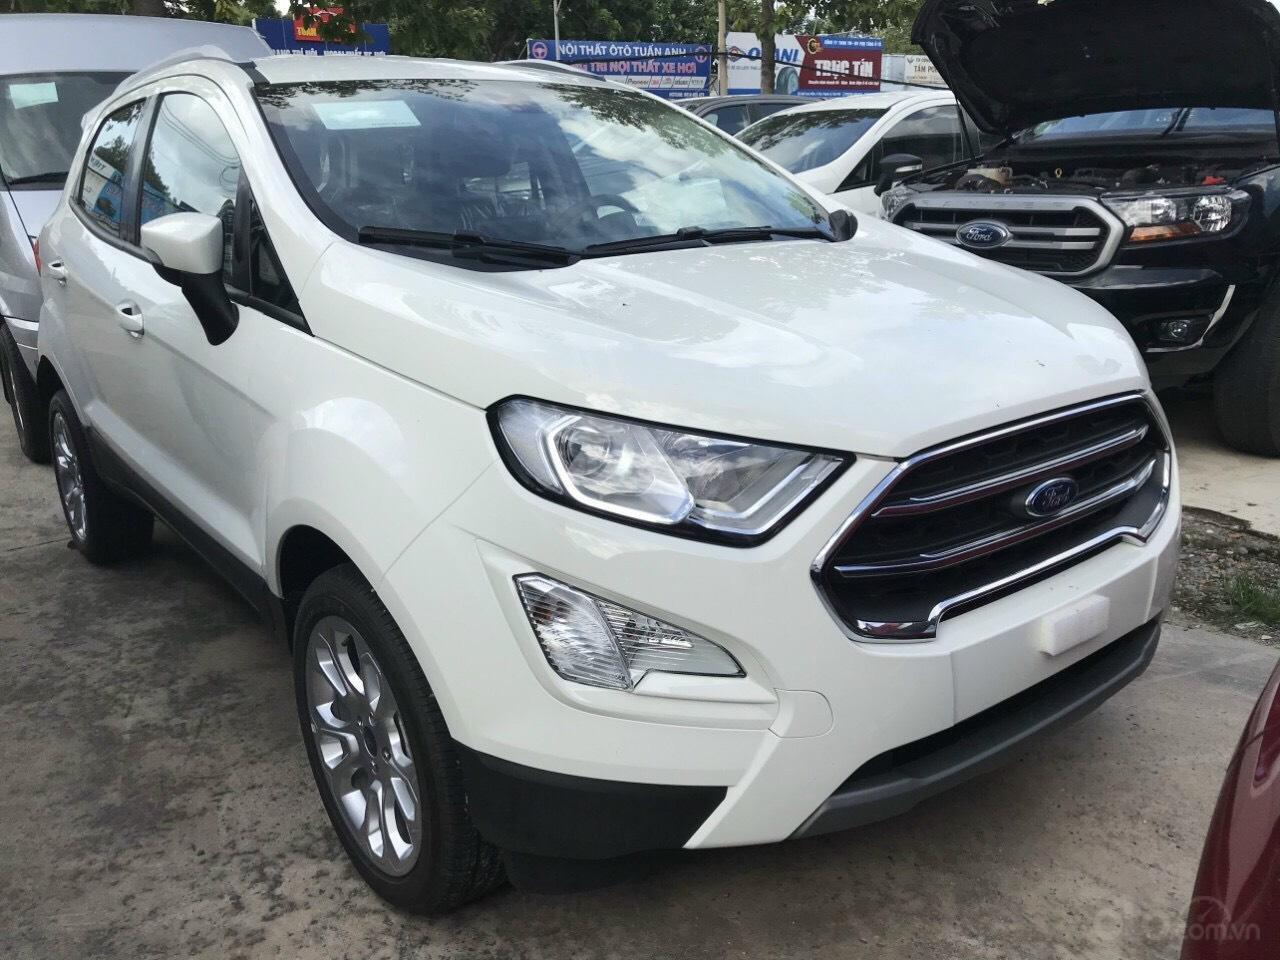 Sở hữu ngay new Ford Ecosport 2021 với nhiều ưu đãi (1)